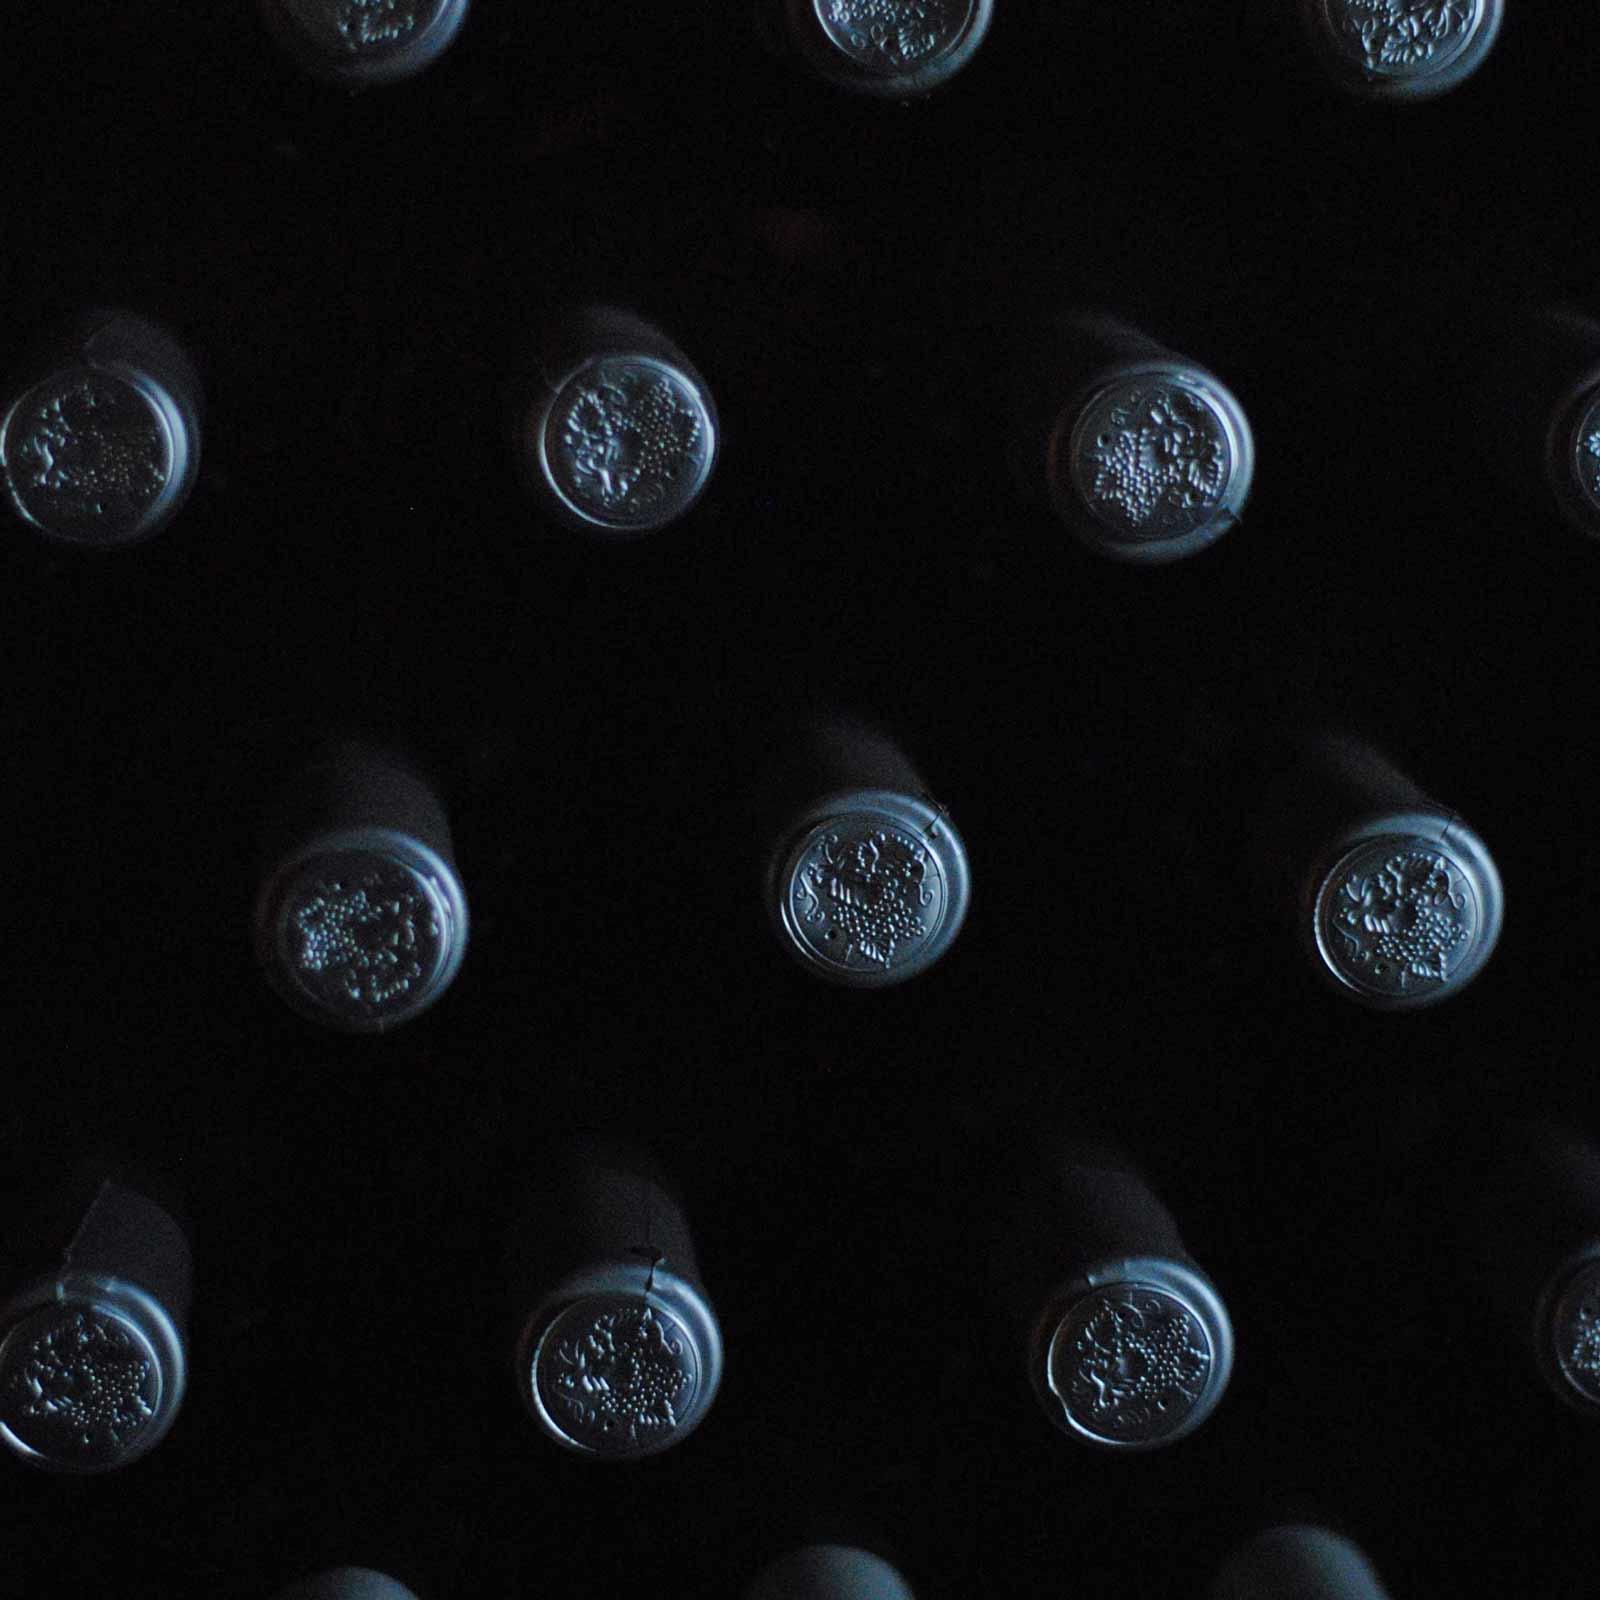 Porto vynas ir Madeiros vynas tiek pat panašūs kiek ir skirtingi